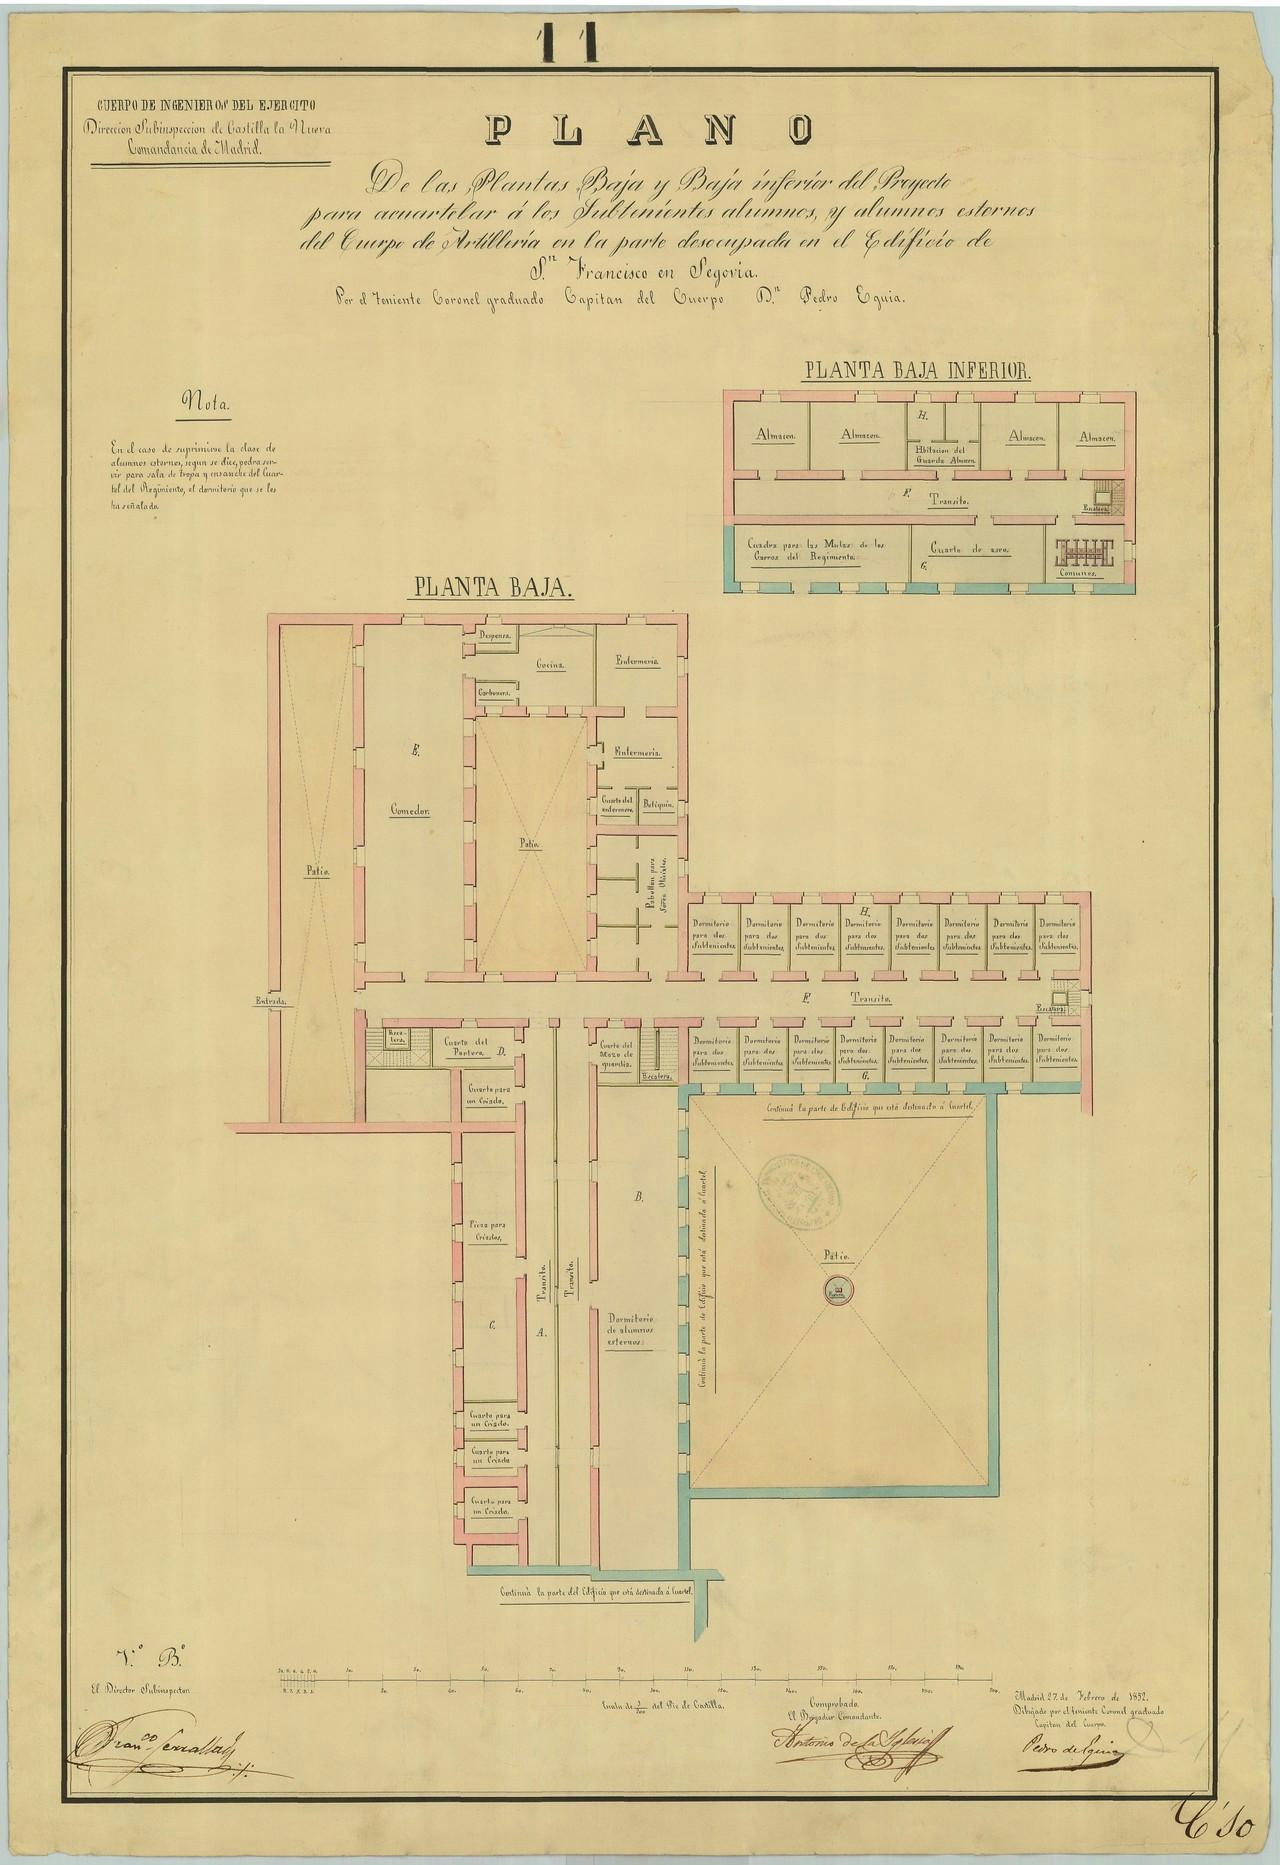 Proyecto del internado de subtenientes alumnos, plantas baja y baja inferior, 1852. El patio inferior de la derecha es el jardín del Magnolio, el superior central el de las Acacias y el superior de la izquierda hoy forma parte de la calle Almira. 8.- ARCHIVO GENERAL MILITAR DE MADRID. Signatura SG 01-14.